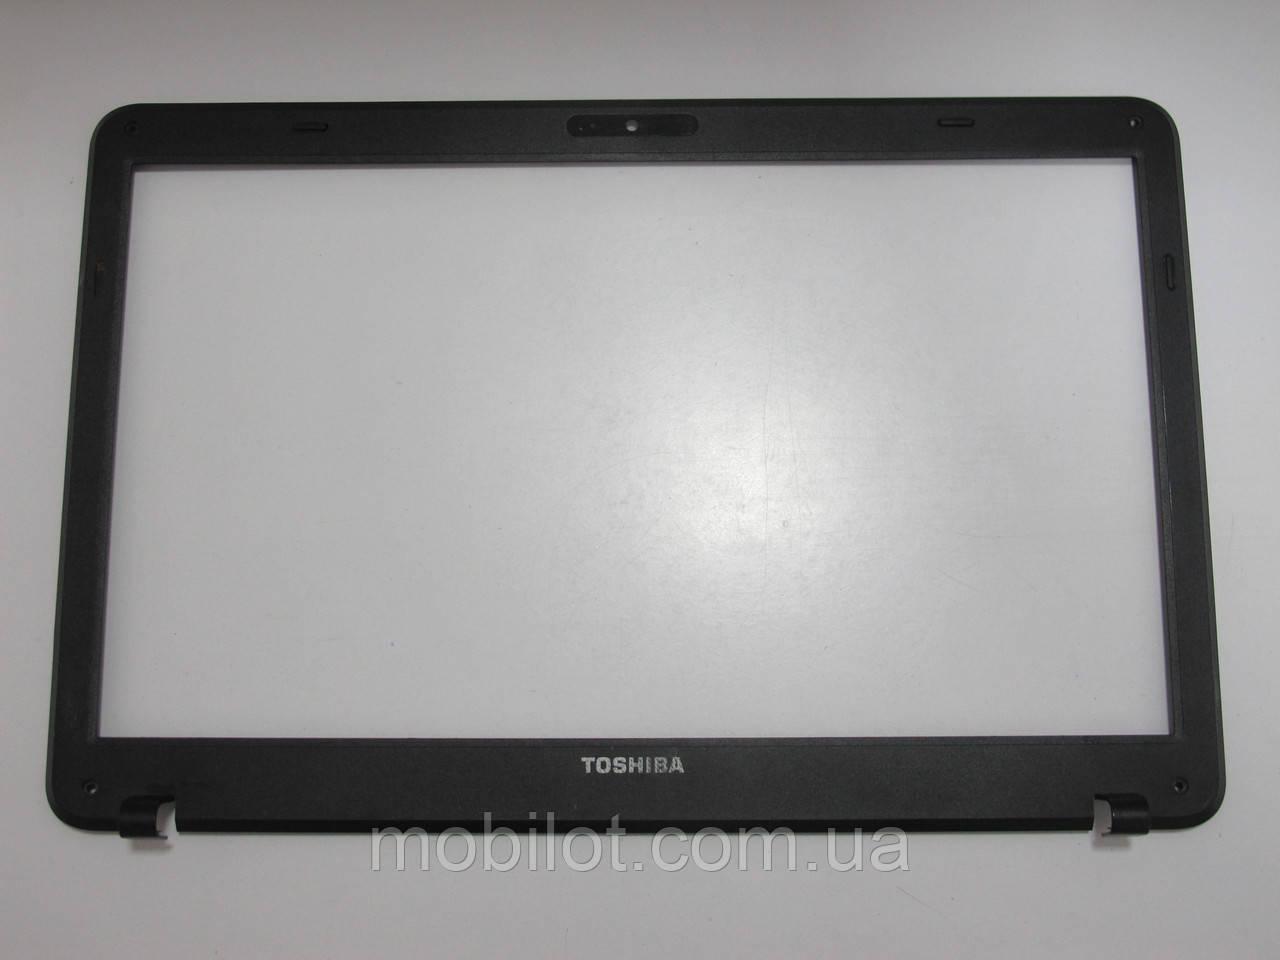 Часть корпуса (Рамка) Toshiba C650 (NZ-5006)